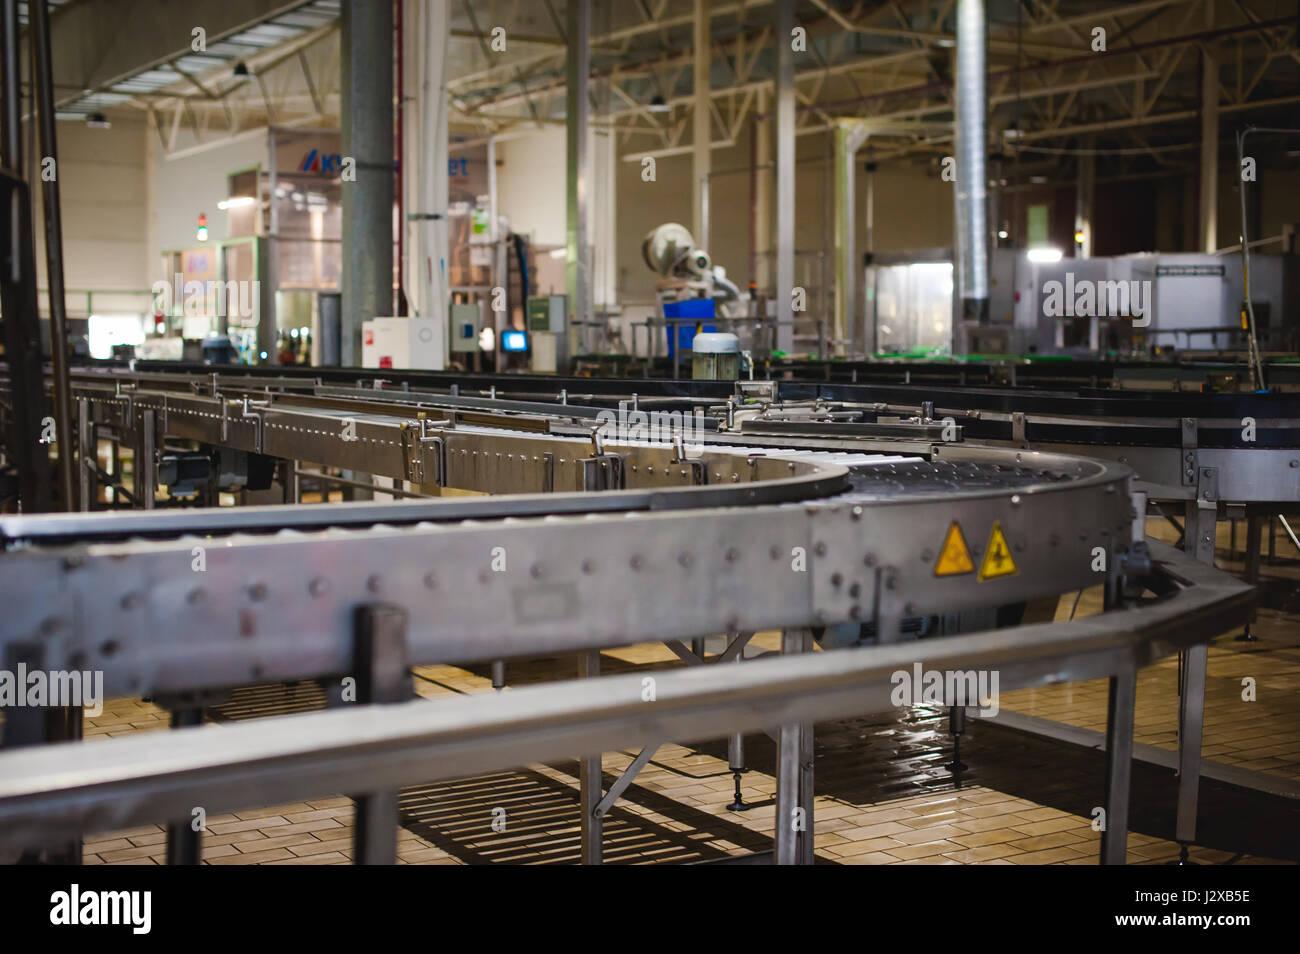 La produzione di birra linea. Attrezzatura per la messa in scena di produzione e di imbottigliamento del prodotto finito. Industriali speciali dispositivo tecnologico in fabbrica Foto Stock